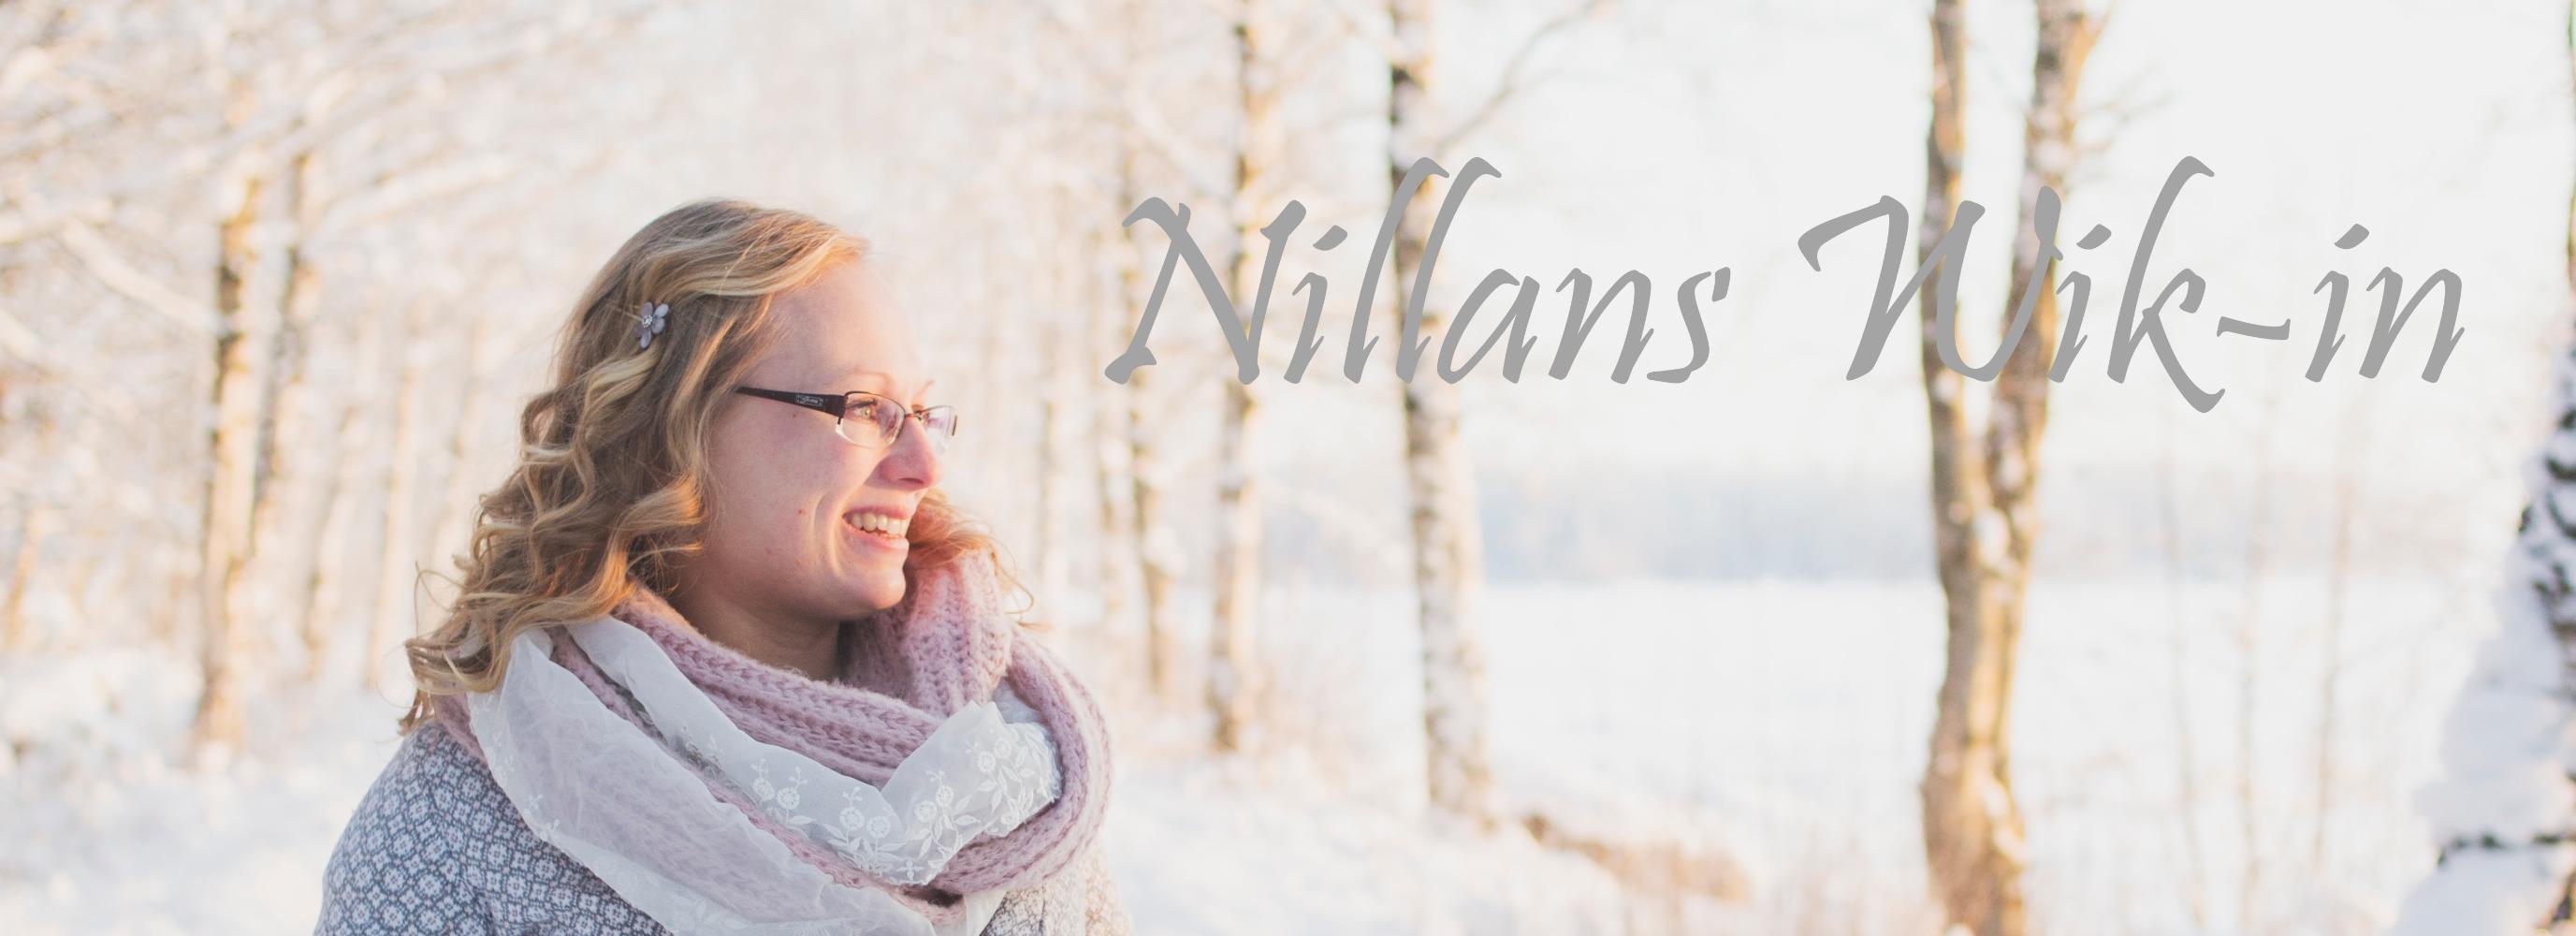 Nillans Wik-in